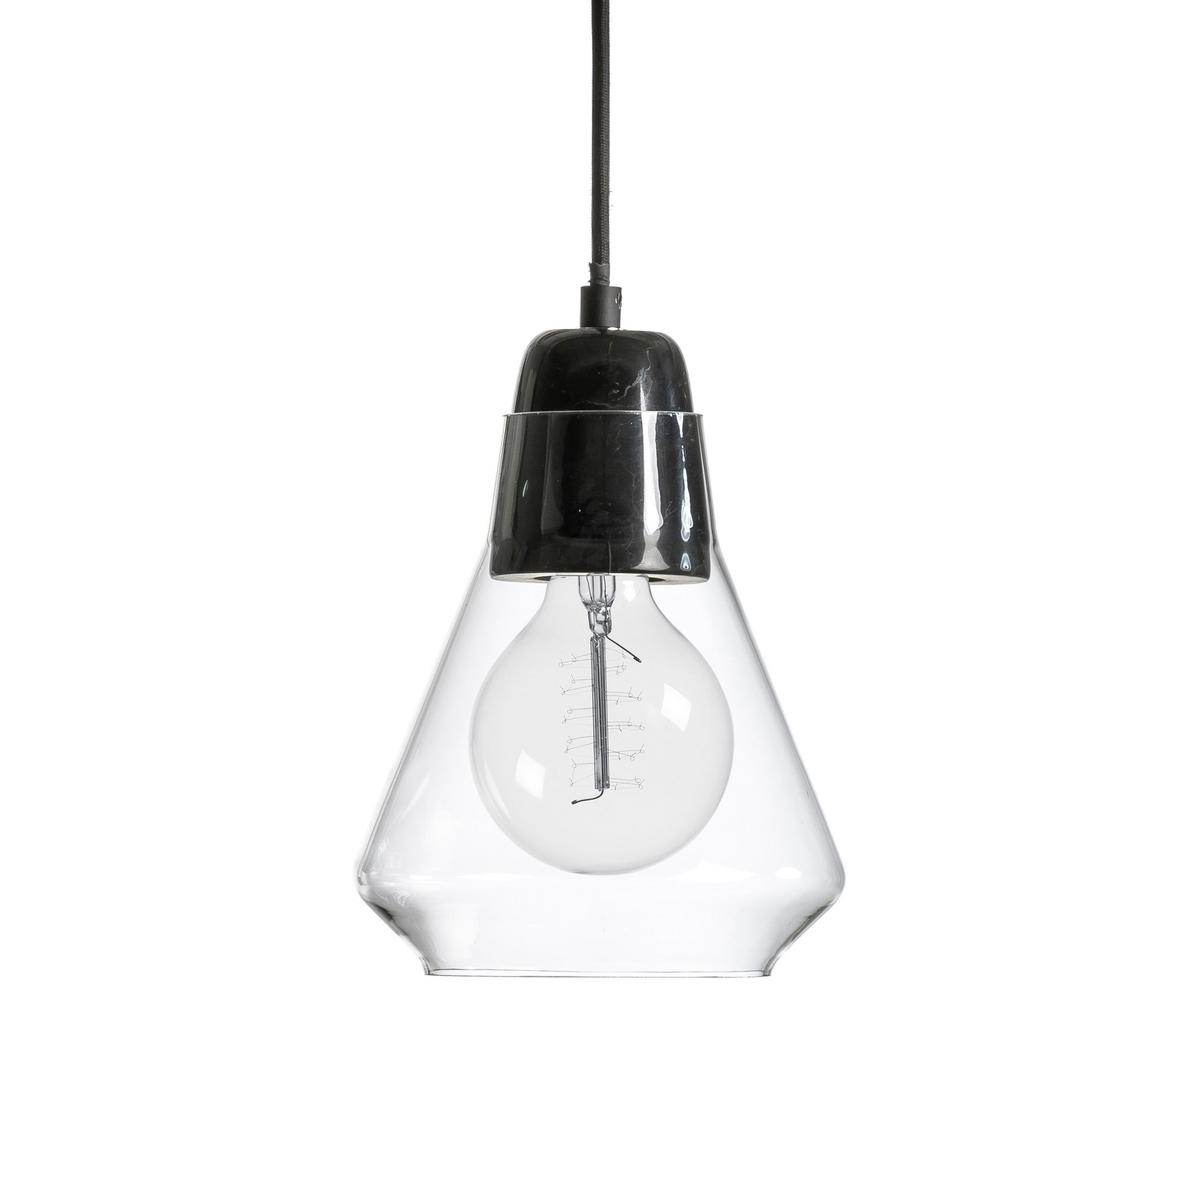 Светильник из стекла и мрамора AnaxagoreЭлегантный прозрачный светильник из стекла и мрамора .Характеристики :- Патрон E27 для флюокомпактной лампочки 15W (не входит в комплект)  - Электрический кабель с текстильным покрытием длина 1 м - Совместима с лампочками электрического класса  A. Размеры :Диаметр 18 x высота 20.3 см<br><br>Цвет: черный